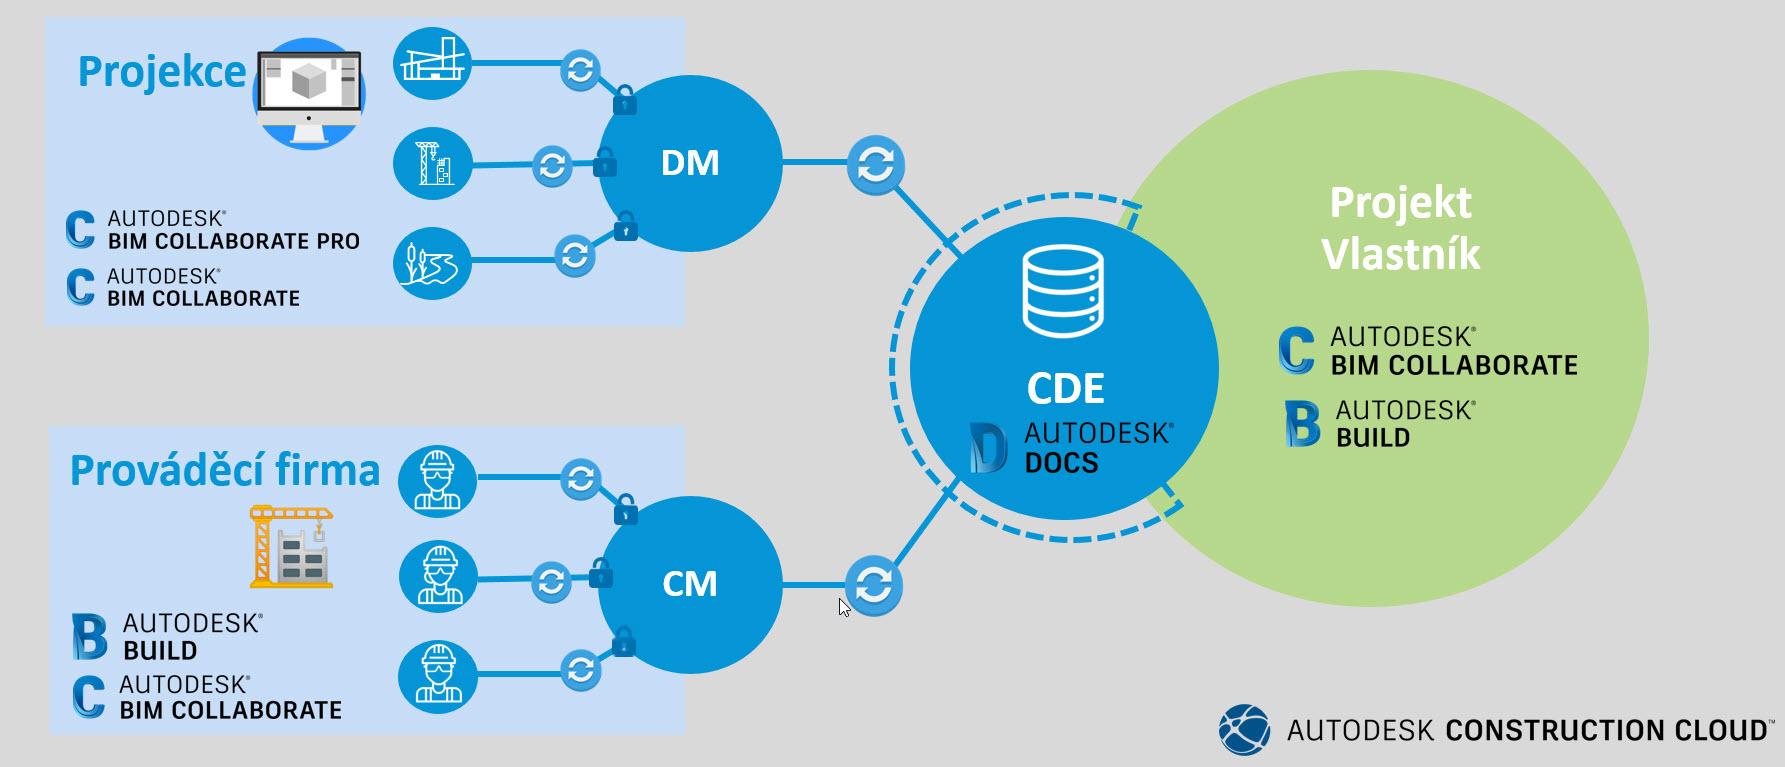 Jak funguje Autodesk Construction Cloud: od projekce přes prováděcí firmu až k vlastníkovi